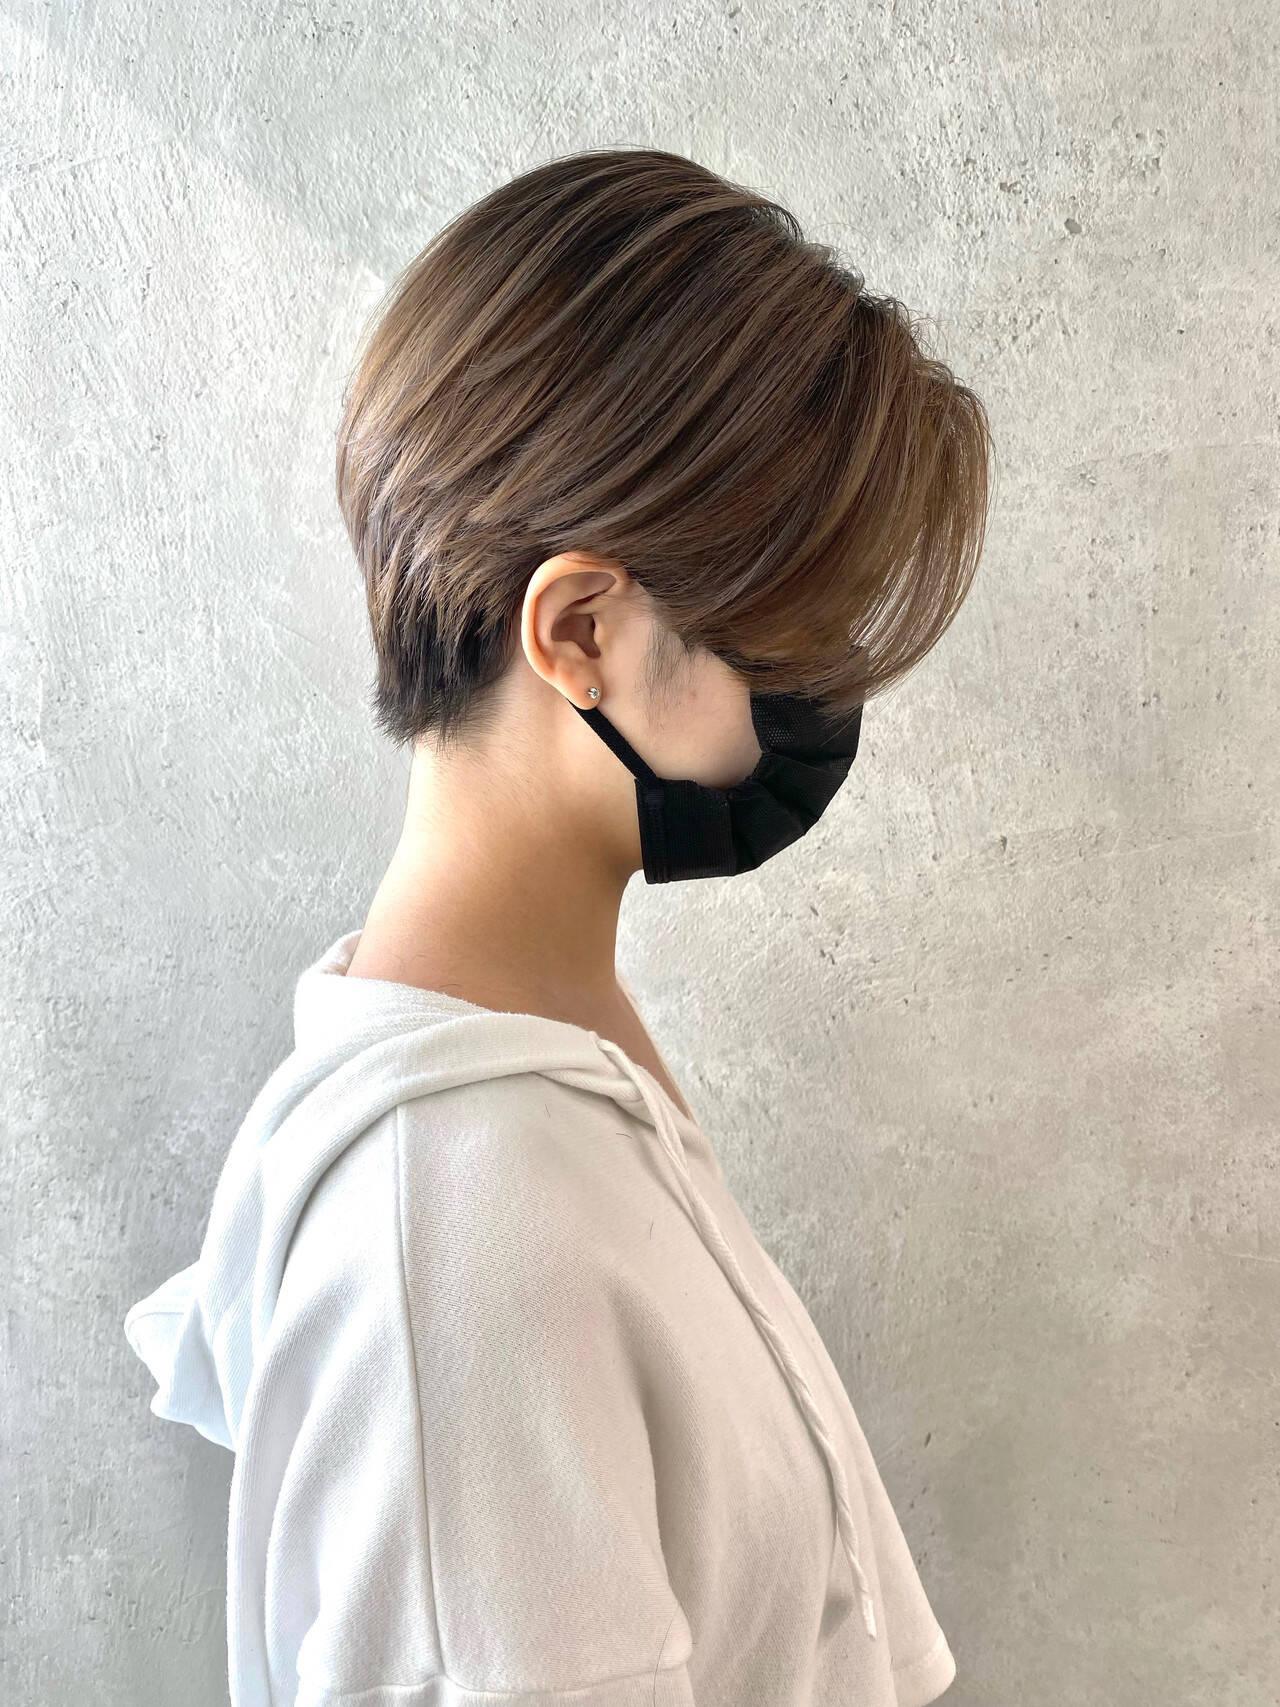 ミルクティーベージュ ナチュラル ショートヘア インナーカラーヘアスタイルや髪型の写真・画像